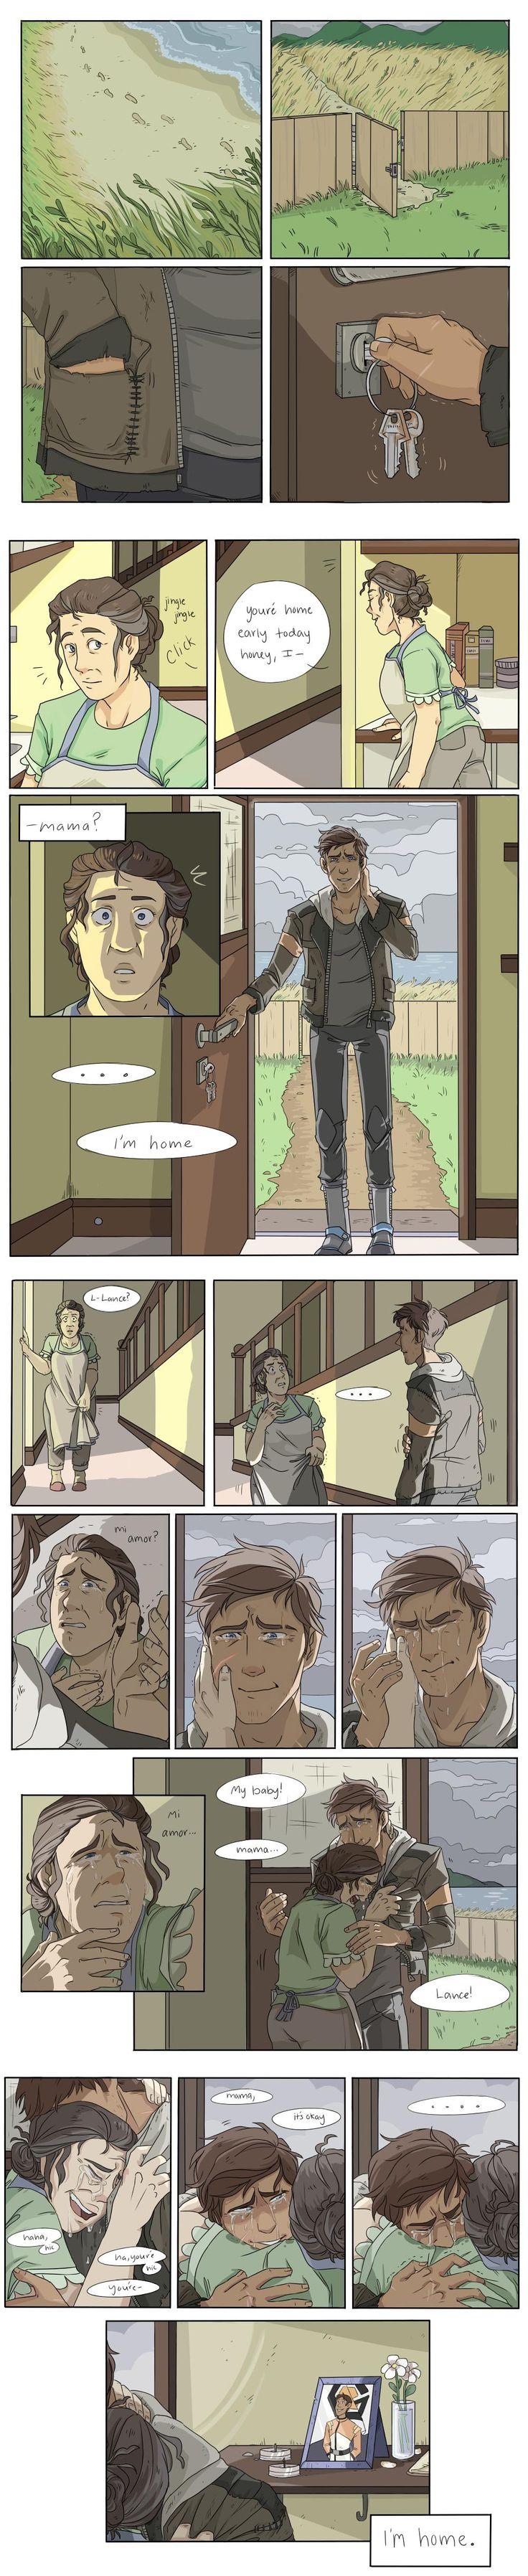 part 2, Lance comes home part 1 (x)